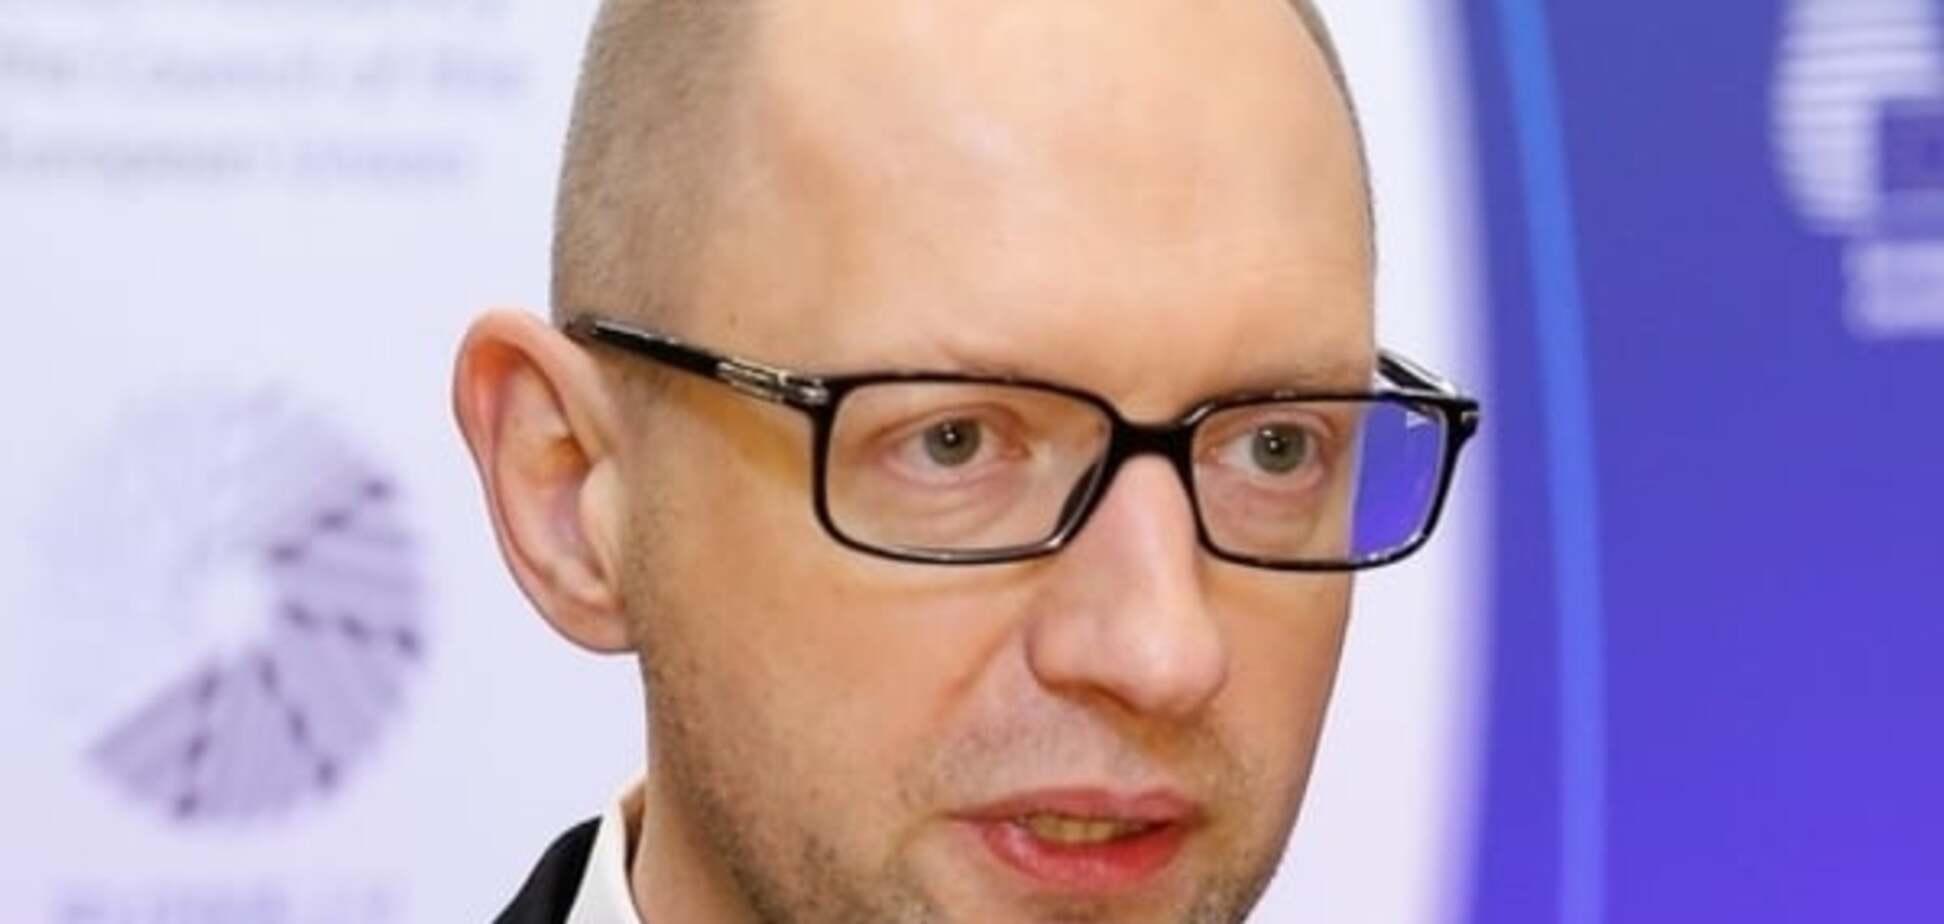 Украинцы попросили Порошенко отправить Яценюка в Гваделупу